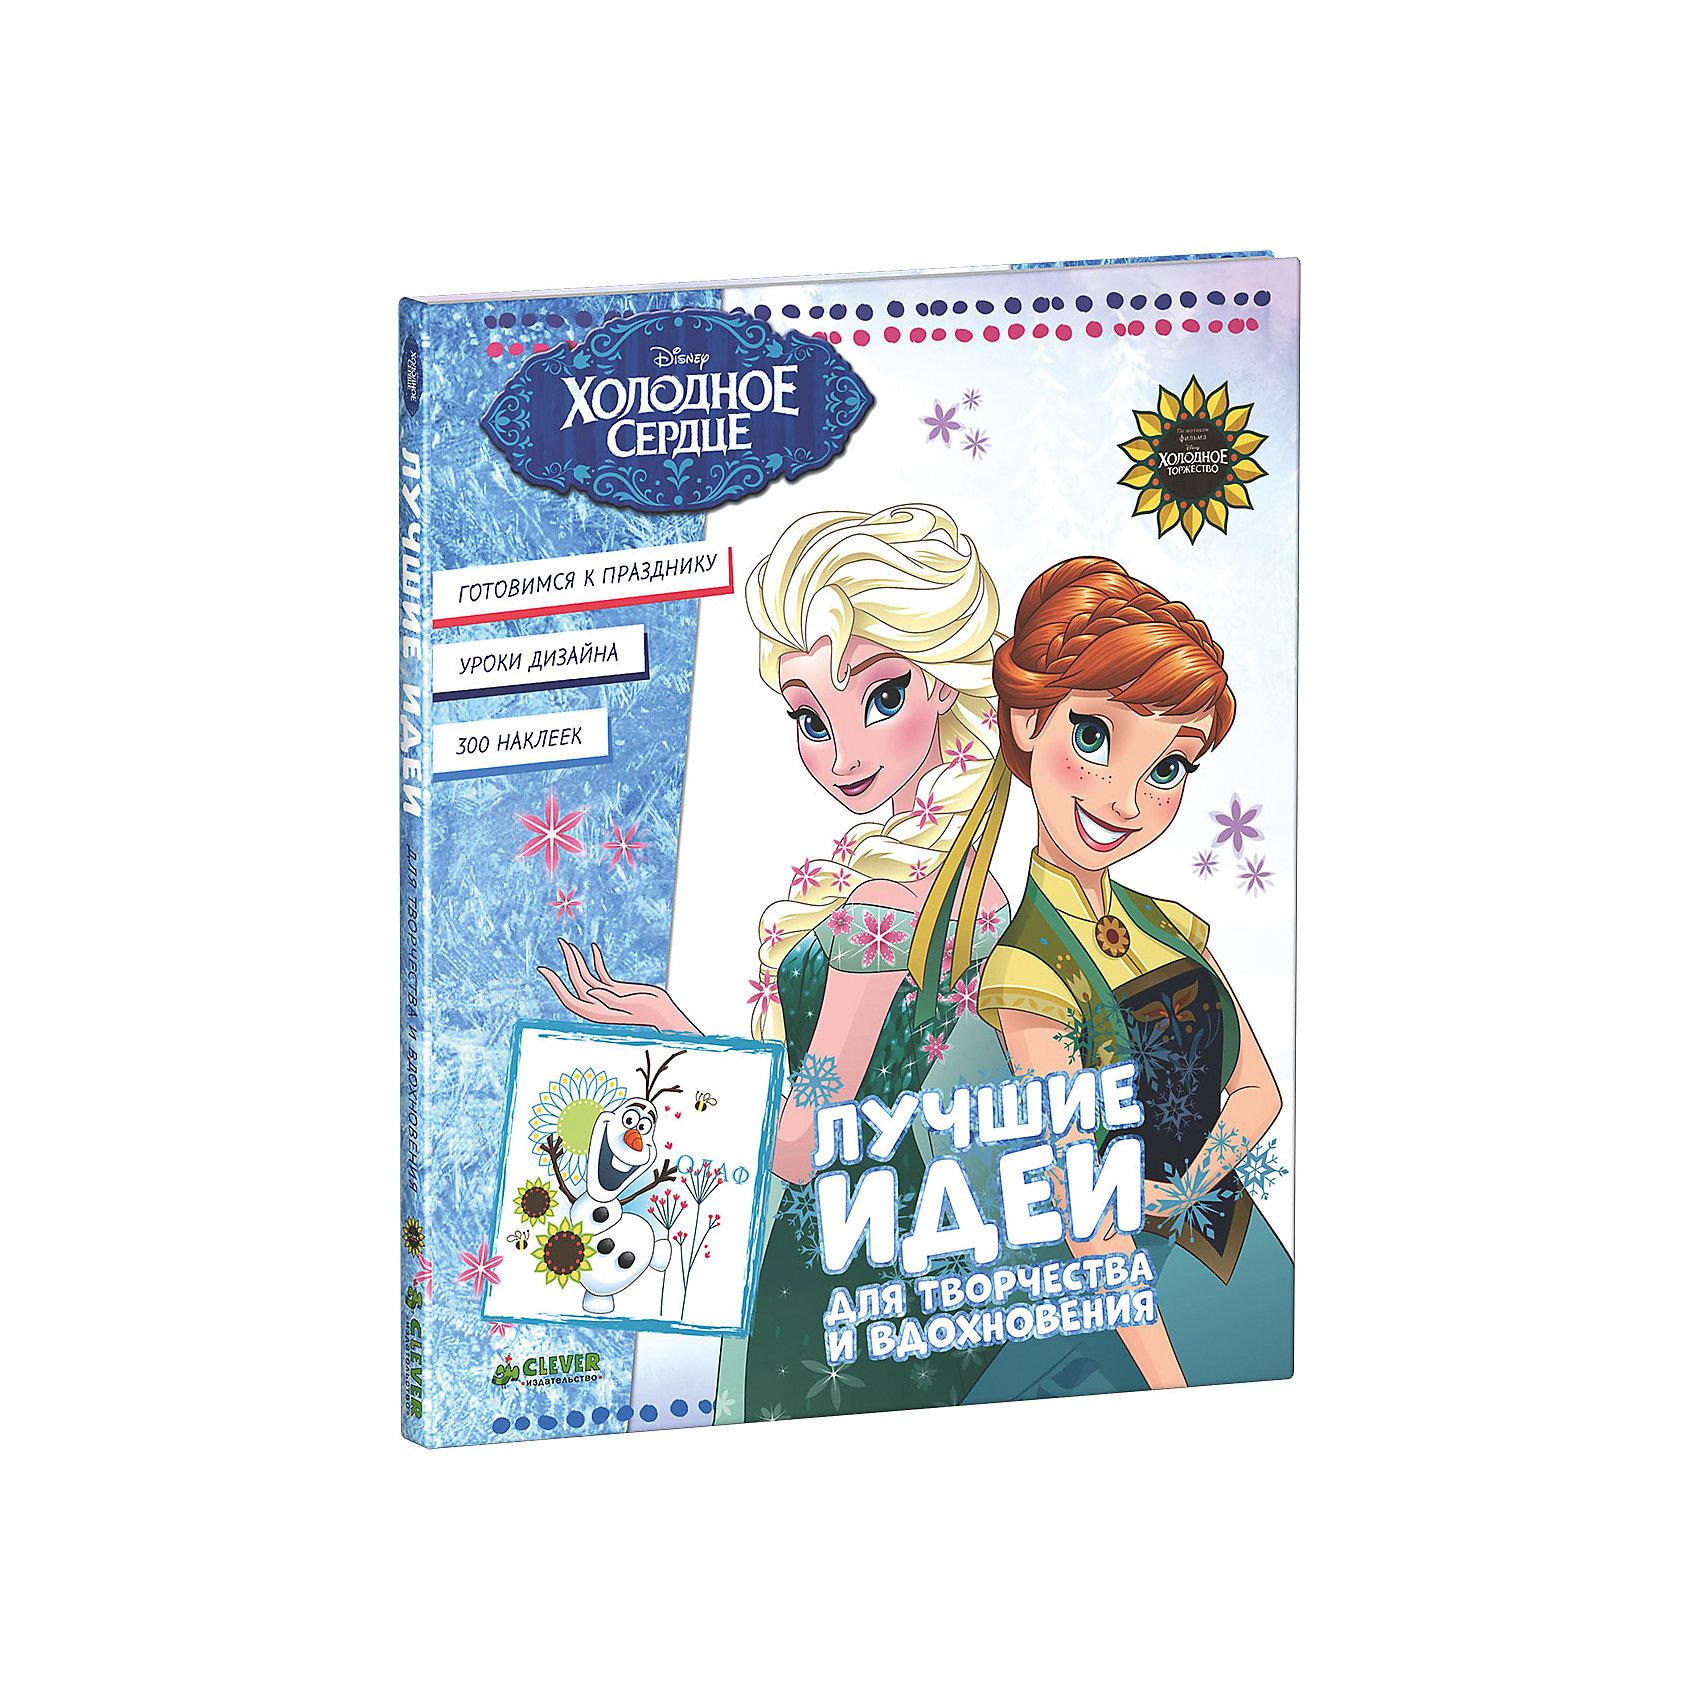 Книга Лучшие идеи для творчества и вдохновения, Холодное сердцеКнига Лучшие идеи для творчества и вдохновения, Холодное сердце, не оставит равнодушной маленькую принцессу. В книге собрано множество веселых и увлекательных творческих заданий, герои которых - любимые персонажи из популярного диснеевского мультфильма Холодное сердце (Frozen). Здесь каждая девочка найдет себе занятие по душе: собрать и украсить свой семейный альбом с фотографиями, задекорировать свои тетради, канцелярские принадлежности и составить расписание уроков на специальной страничке, украсить комнату и подготовить праздник в стиле анимационного фильма Холодное сердце, а также рисовать, отгадывать загадки и выполнять интересные задания. Красивое оформление, отличное качество полиграфии, плотные странички и красочные картинки делают издание прекрасным подарком.<br><br>Дополнительная информация:<br><br>- Серия: Disney. Мастерилки.  <br>- Переводчик: Мария Смирнова.<br>- Переплет: мягкая обложка.<br>- Иллюстрации: черно-белые + цветные.<br>- Объем: 80 стр. + 6 листов с наклейками. <br>- Размер: 24 x 19,8 x 0,7 см.<br>- Вес: 0,264 кг. <br><br>Книгу Лучшие идеи для творчества и вдохновения, Холодное сердце, Клевер Медиа Групп, можно купить в нашем интернет-магазине.<br><br>Ширина мм: 218<br>Глубина мм: 240<br>Высота мм: 10<br>Вес г: 250<br>Возраст от месяцев: 84<br>Возраст до месяцев: 132<br>Пол: Женский<br>Возраст: Детский<br>SKU: 4501139